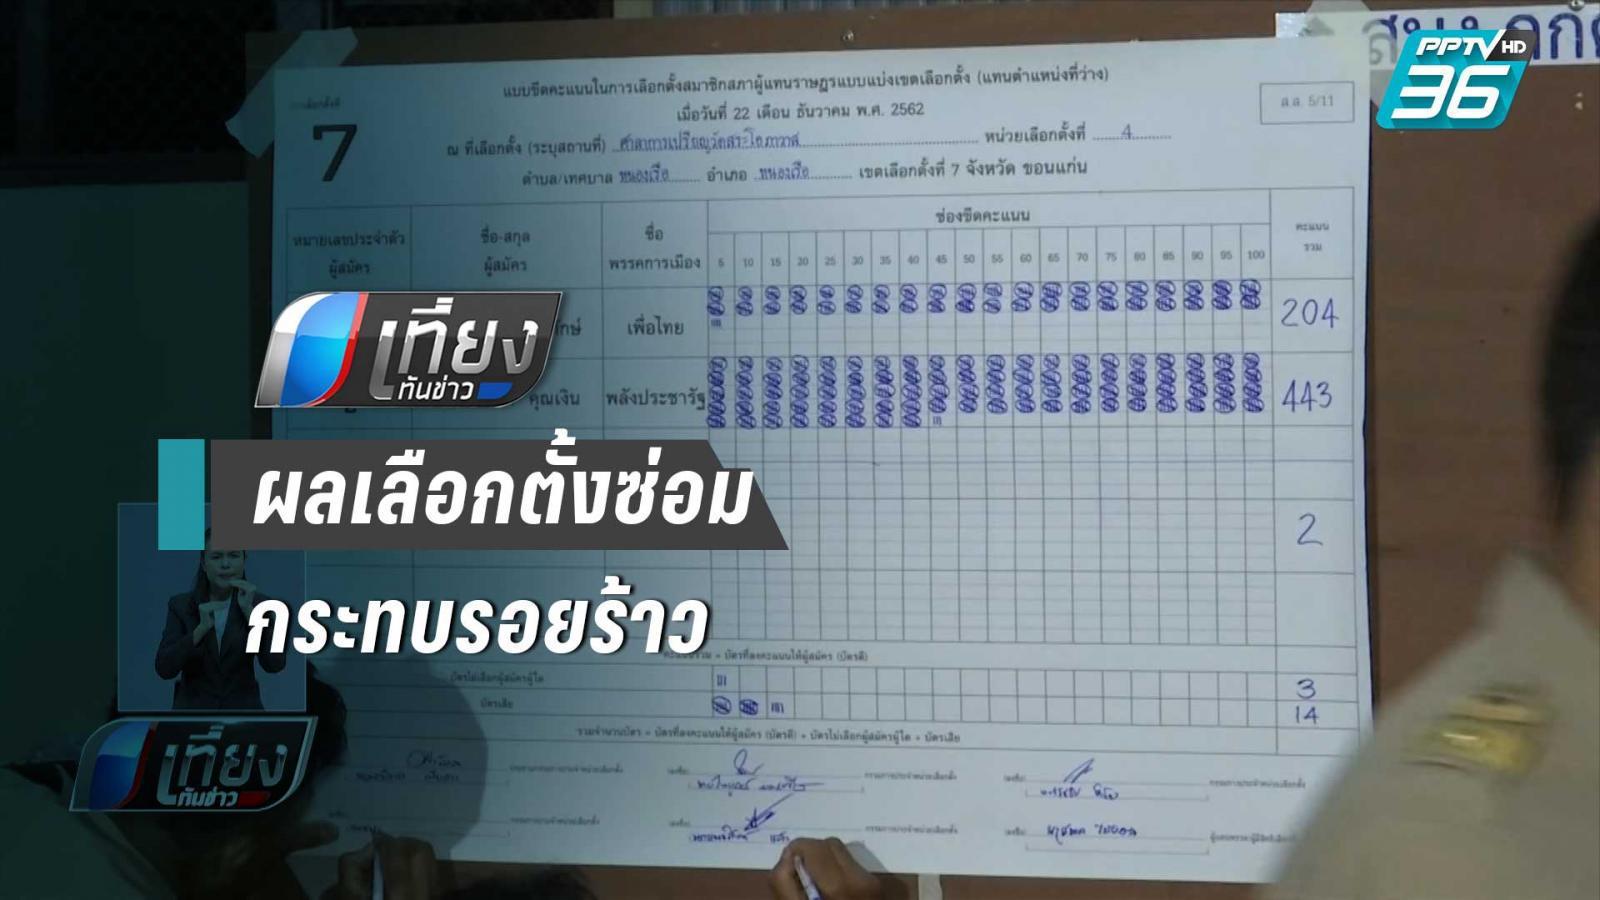 ผลเลือกตั้งซ่อมเขต 7 ขอนแก่น กระทบรอยร้าวเพื่อไทย